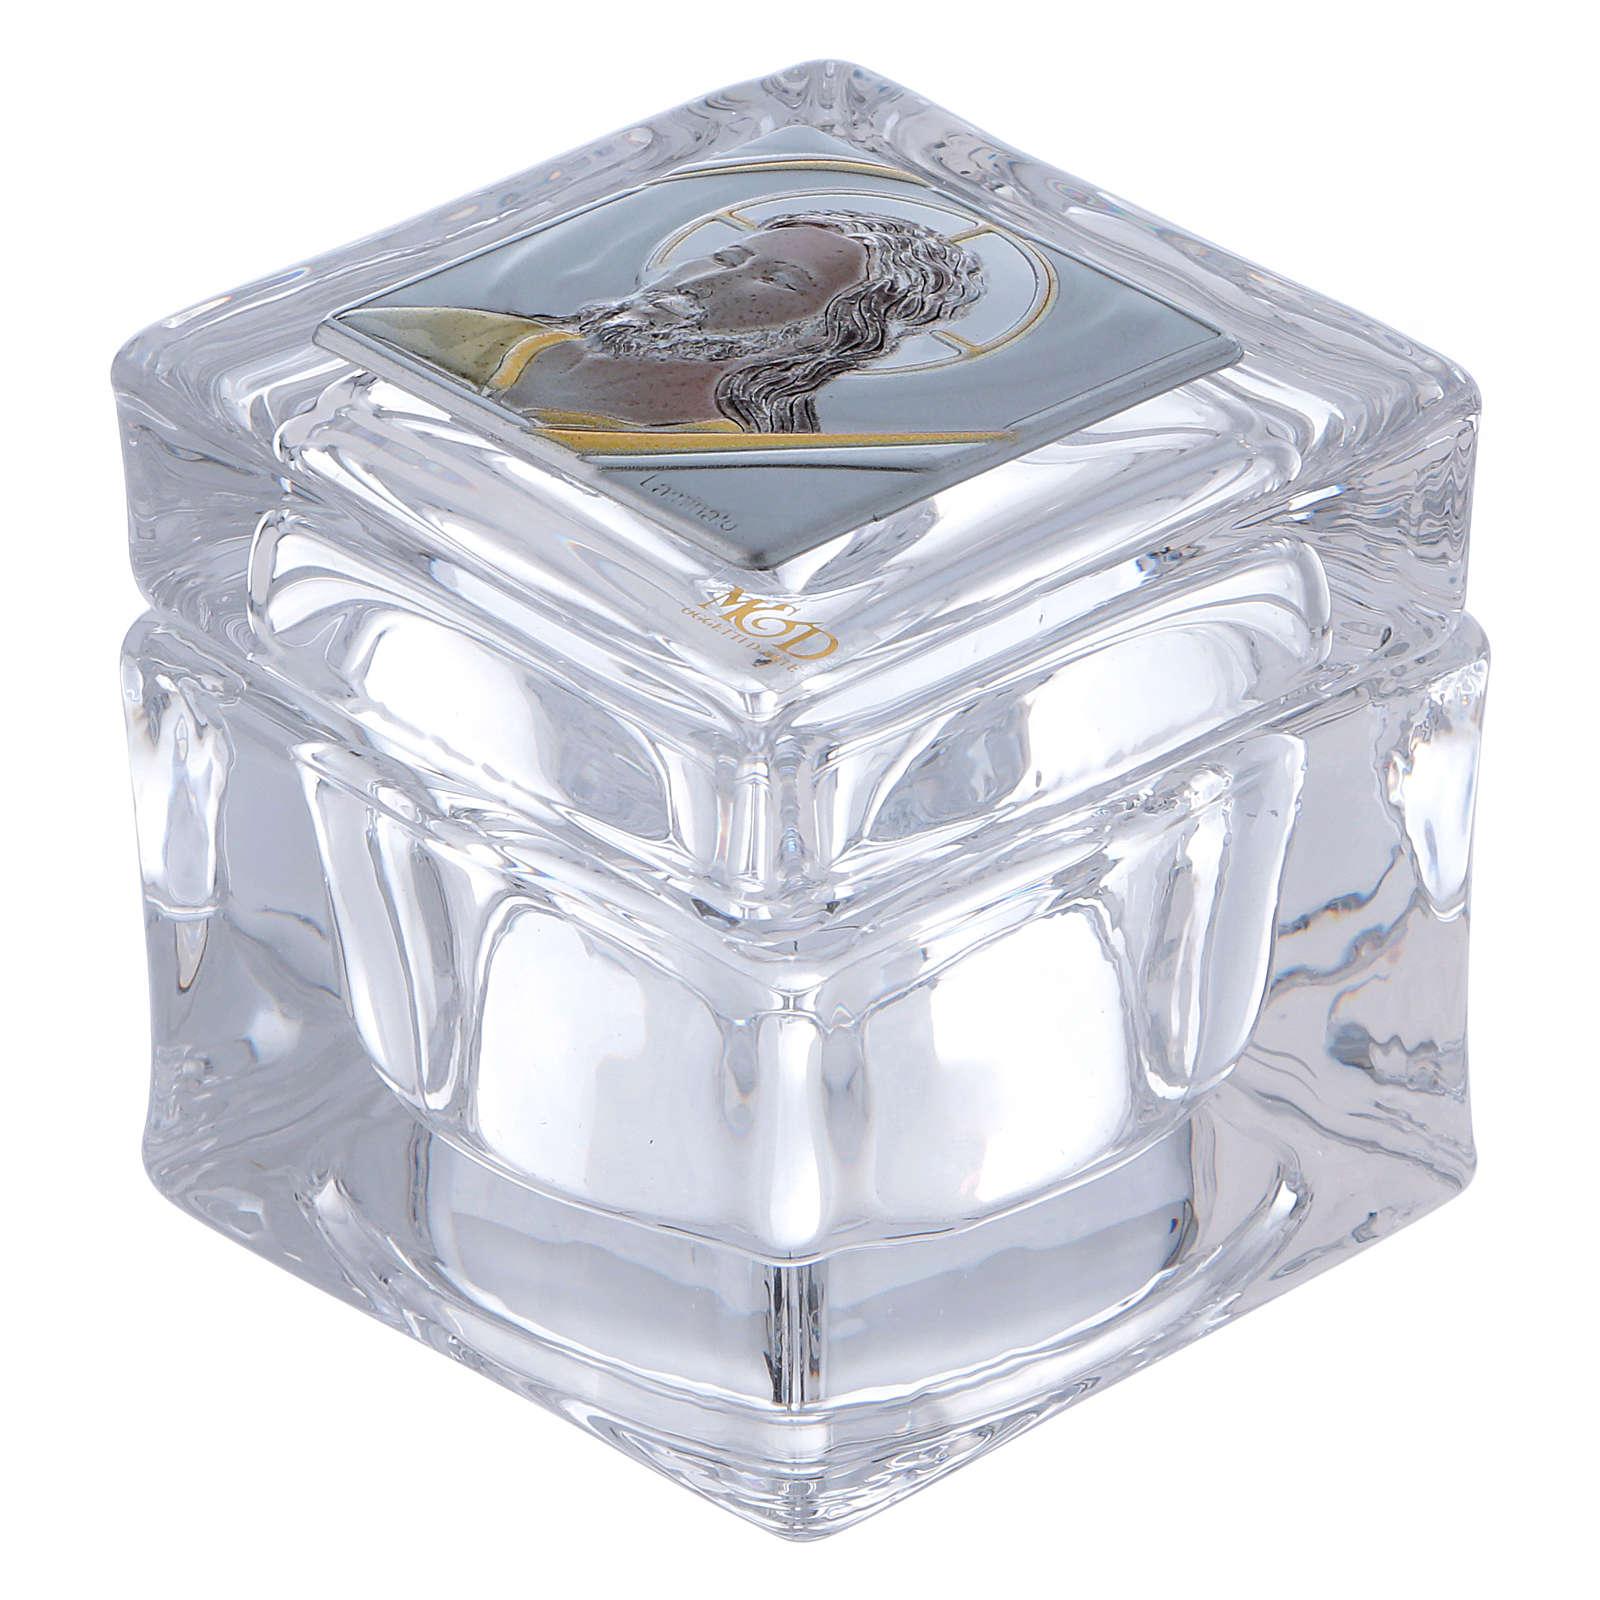 Bonbonnière religieuse boîte avec visage de Christ 5x5x5 cm 3